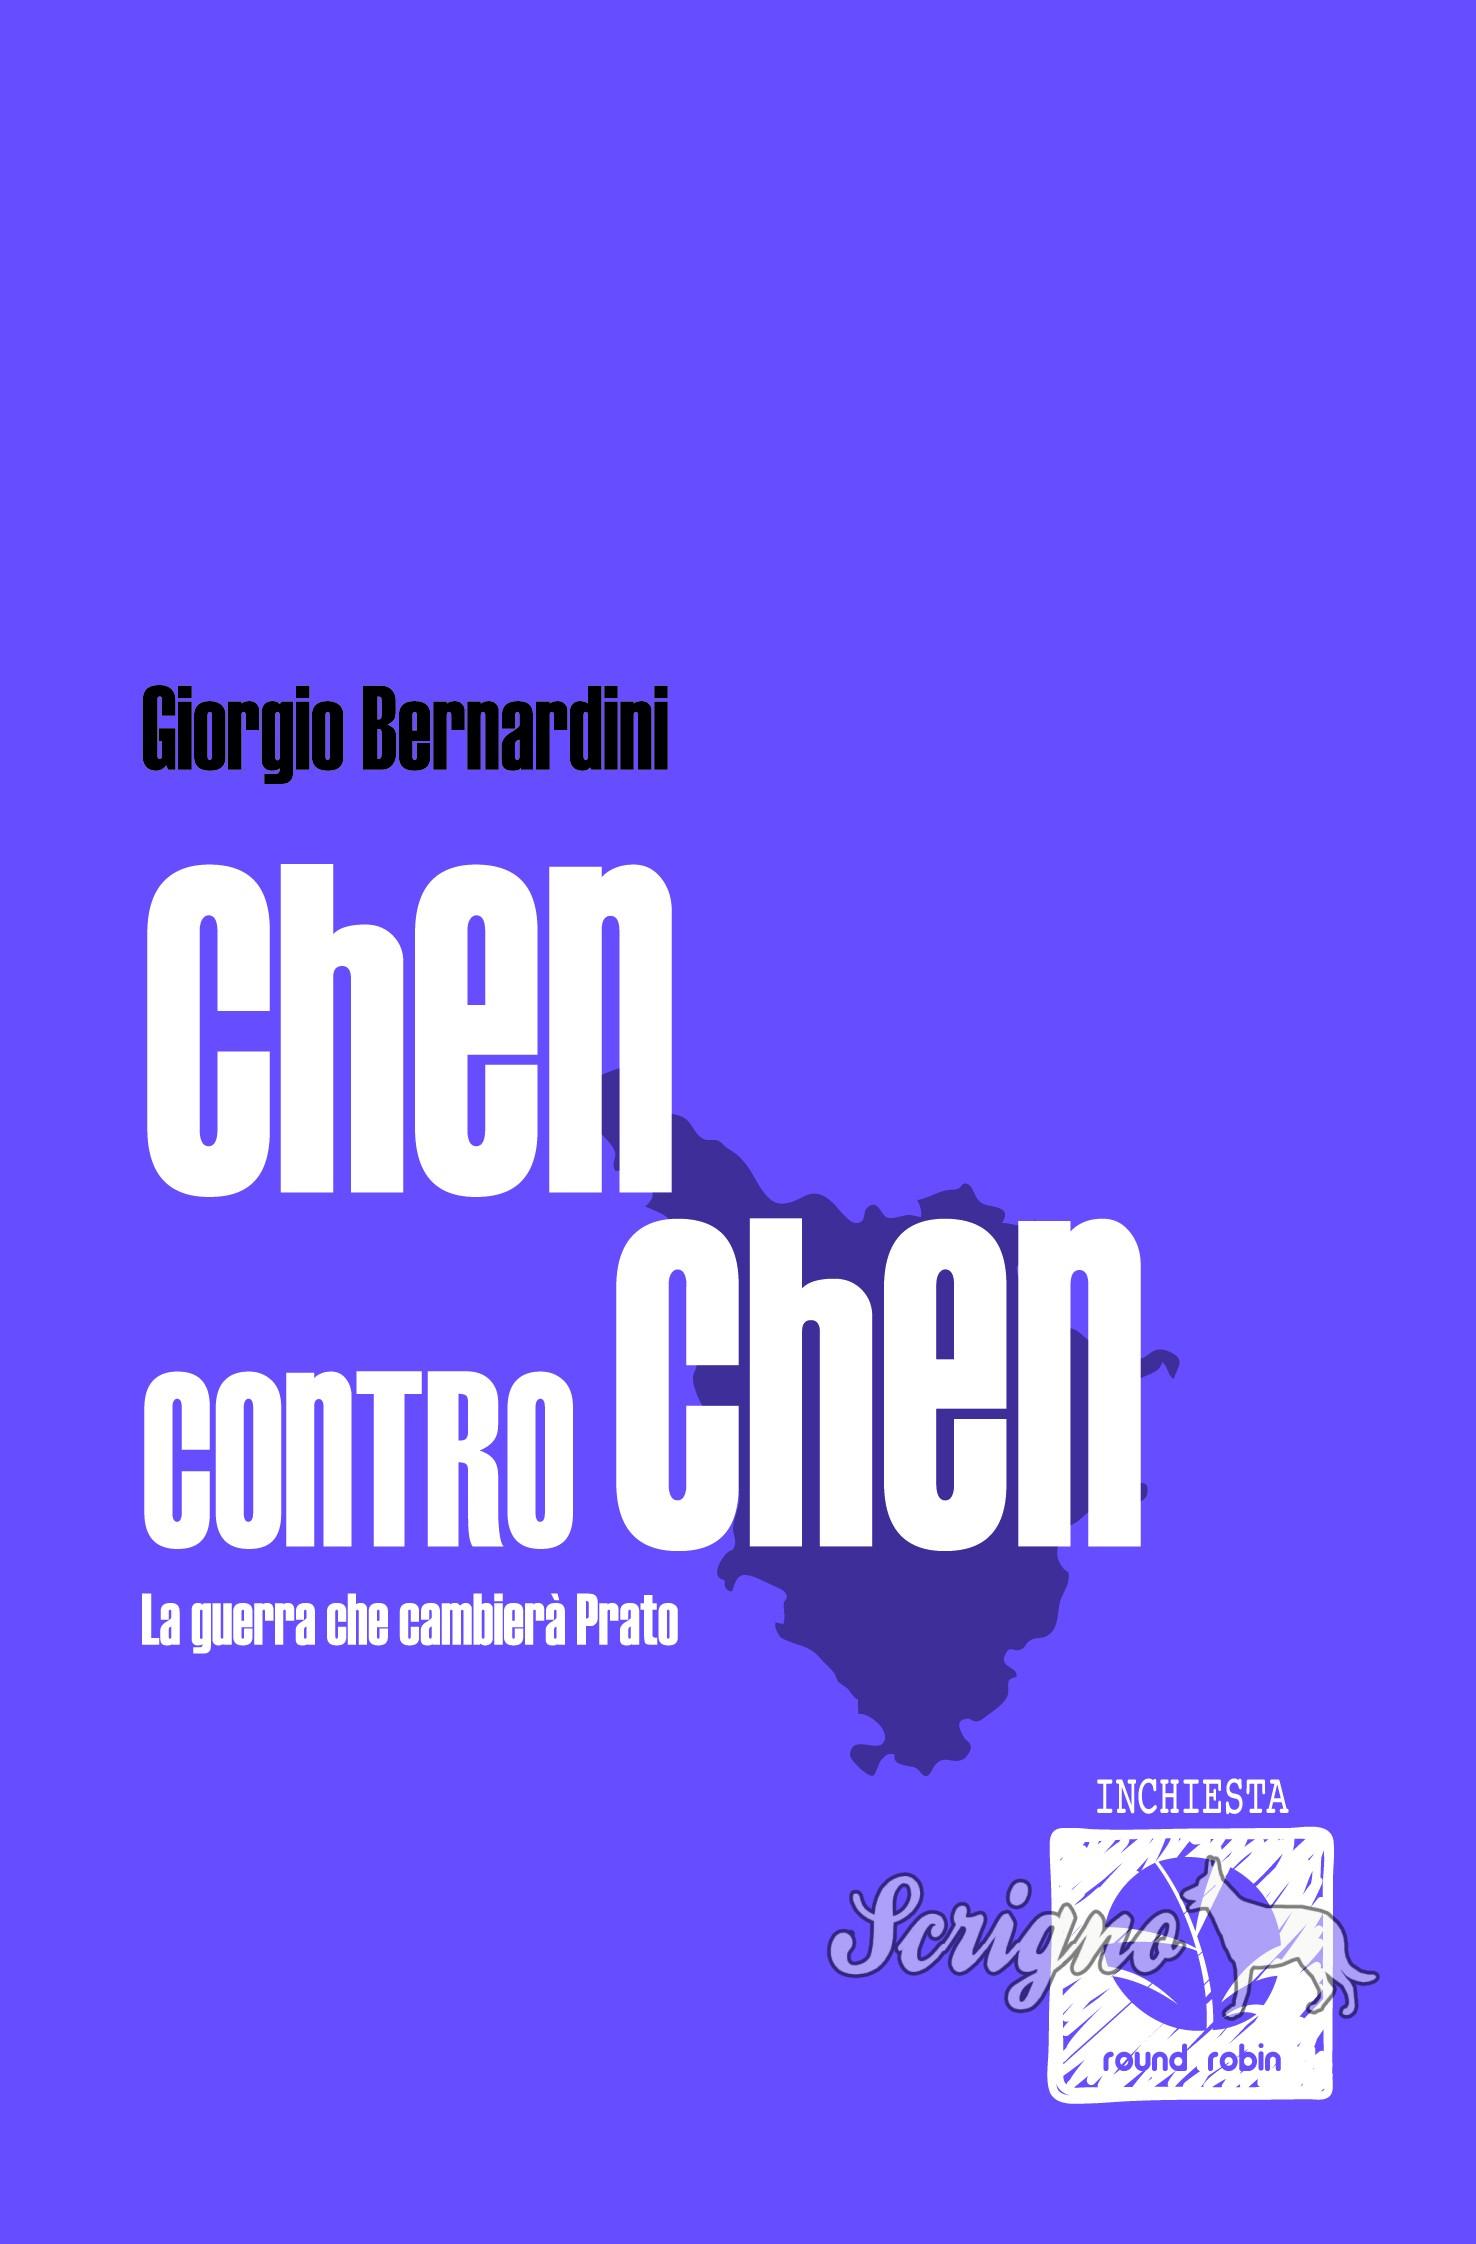 cop_chen contro chen.ai